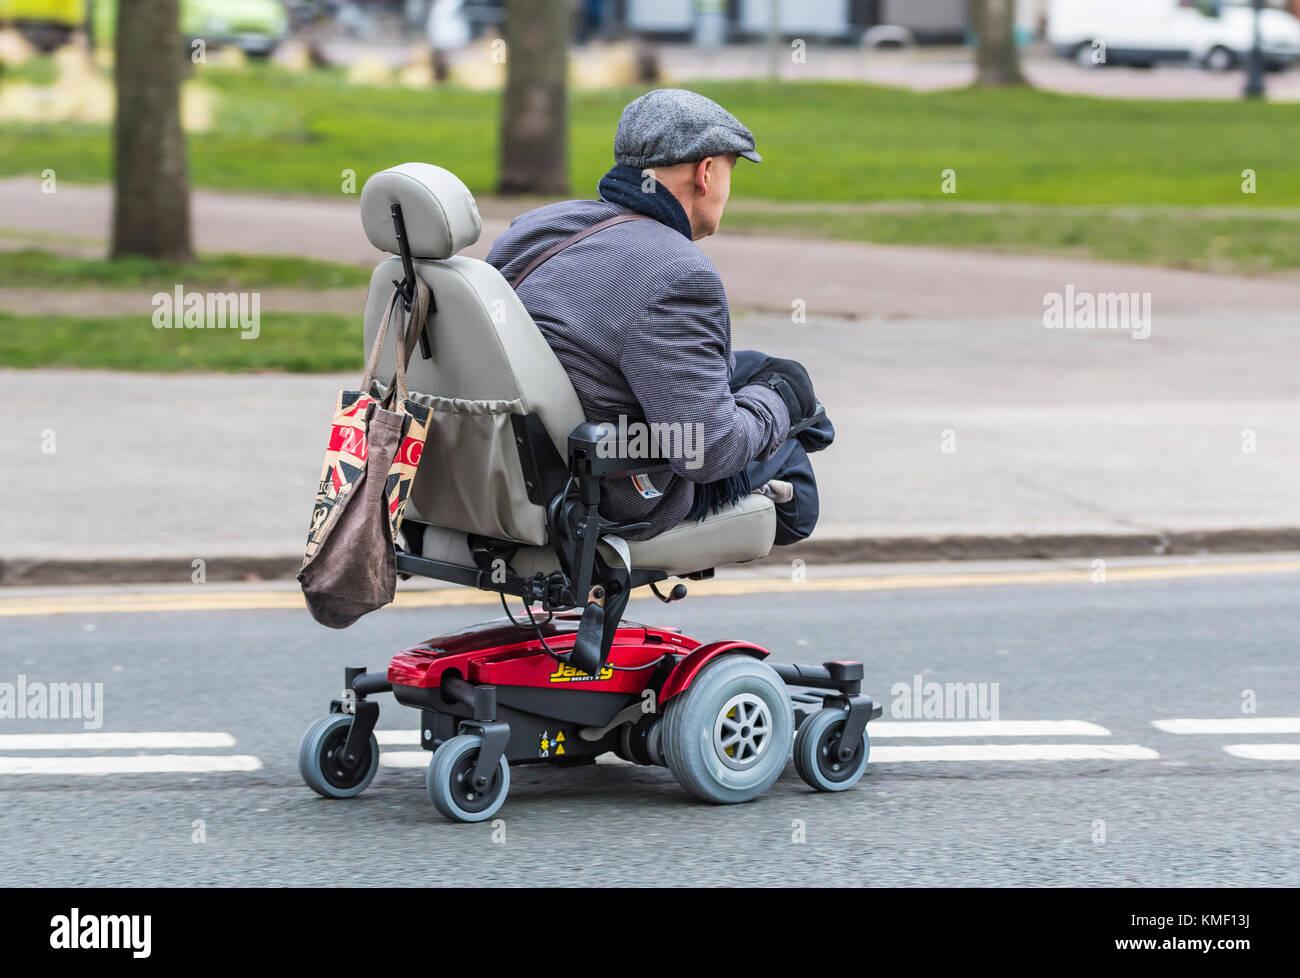 Doble amputado hombre sin piernas viajando en un scooter de movilidad en una carretera en el Reino Unido. Foto de stock